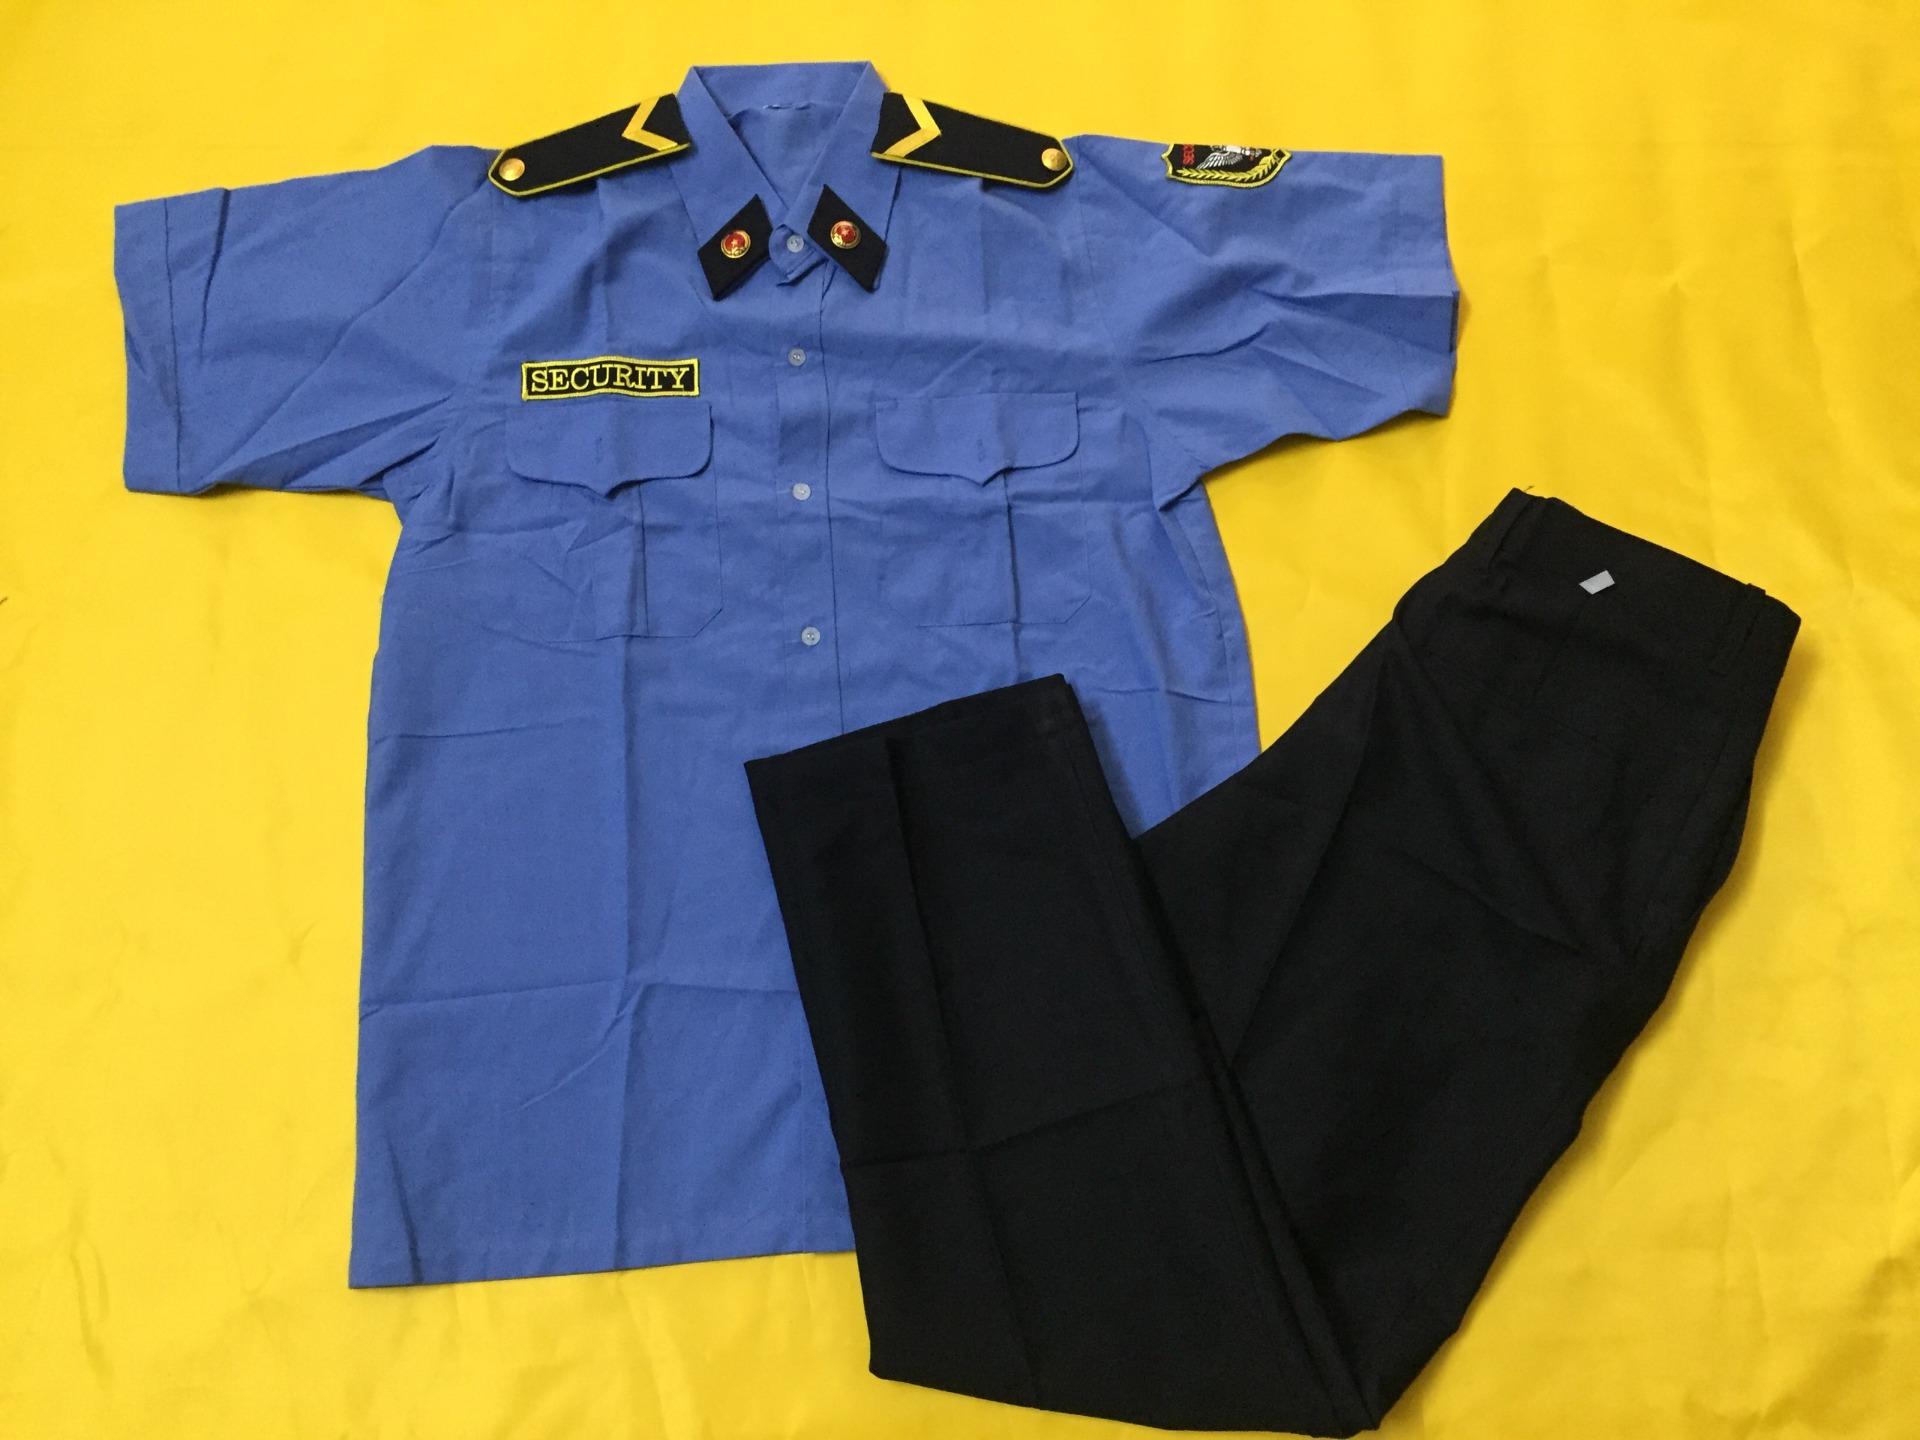 Nhận may full set áo, quần, nón, cầu vai, quân hàm in thêu logo công ty